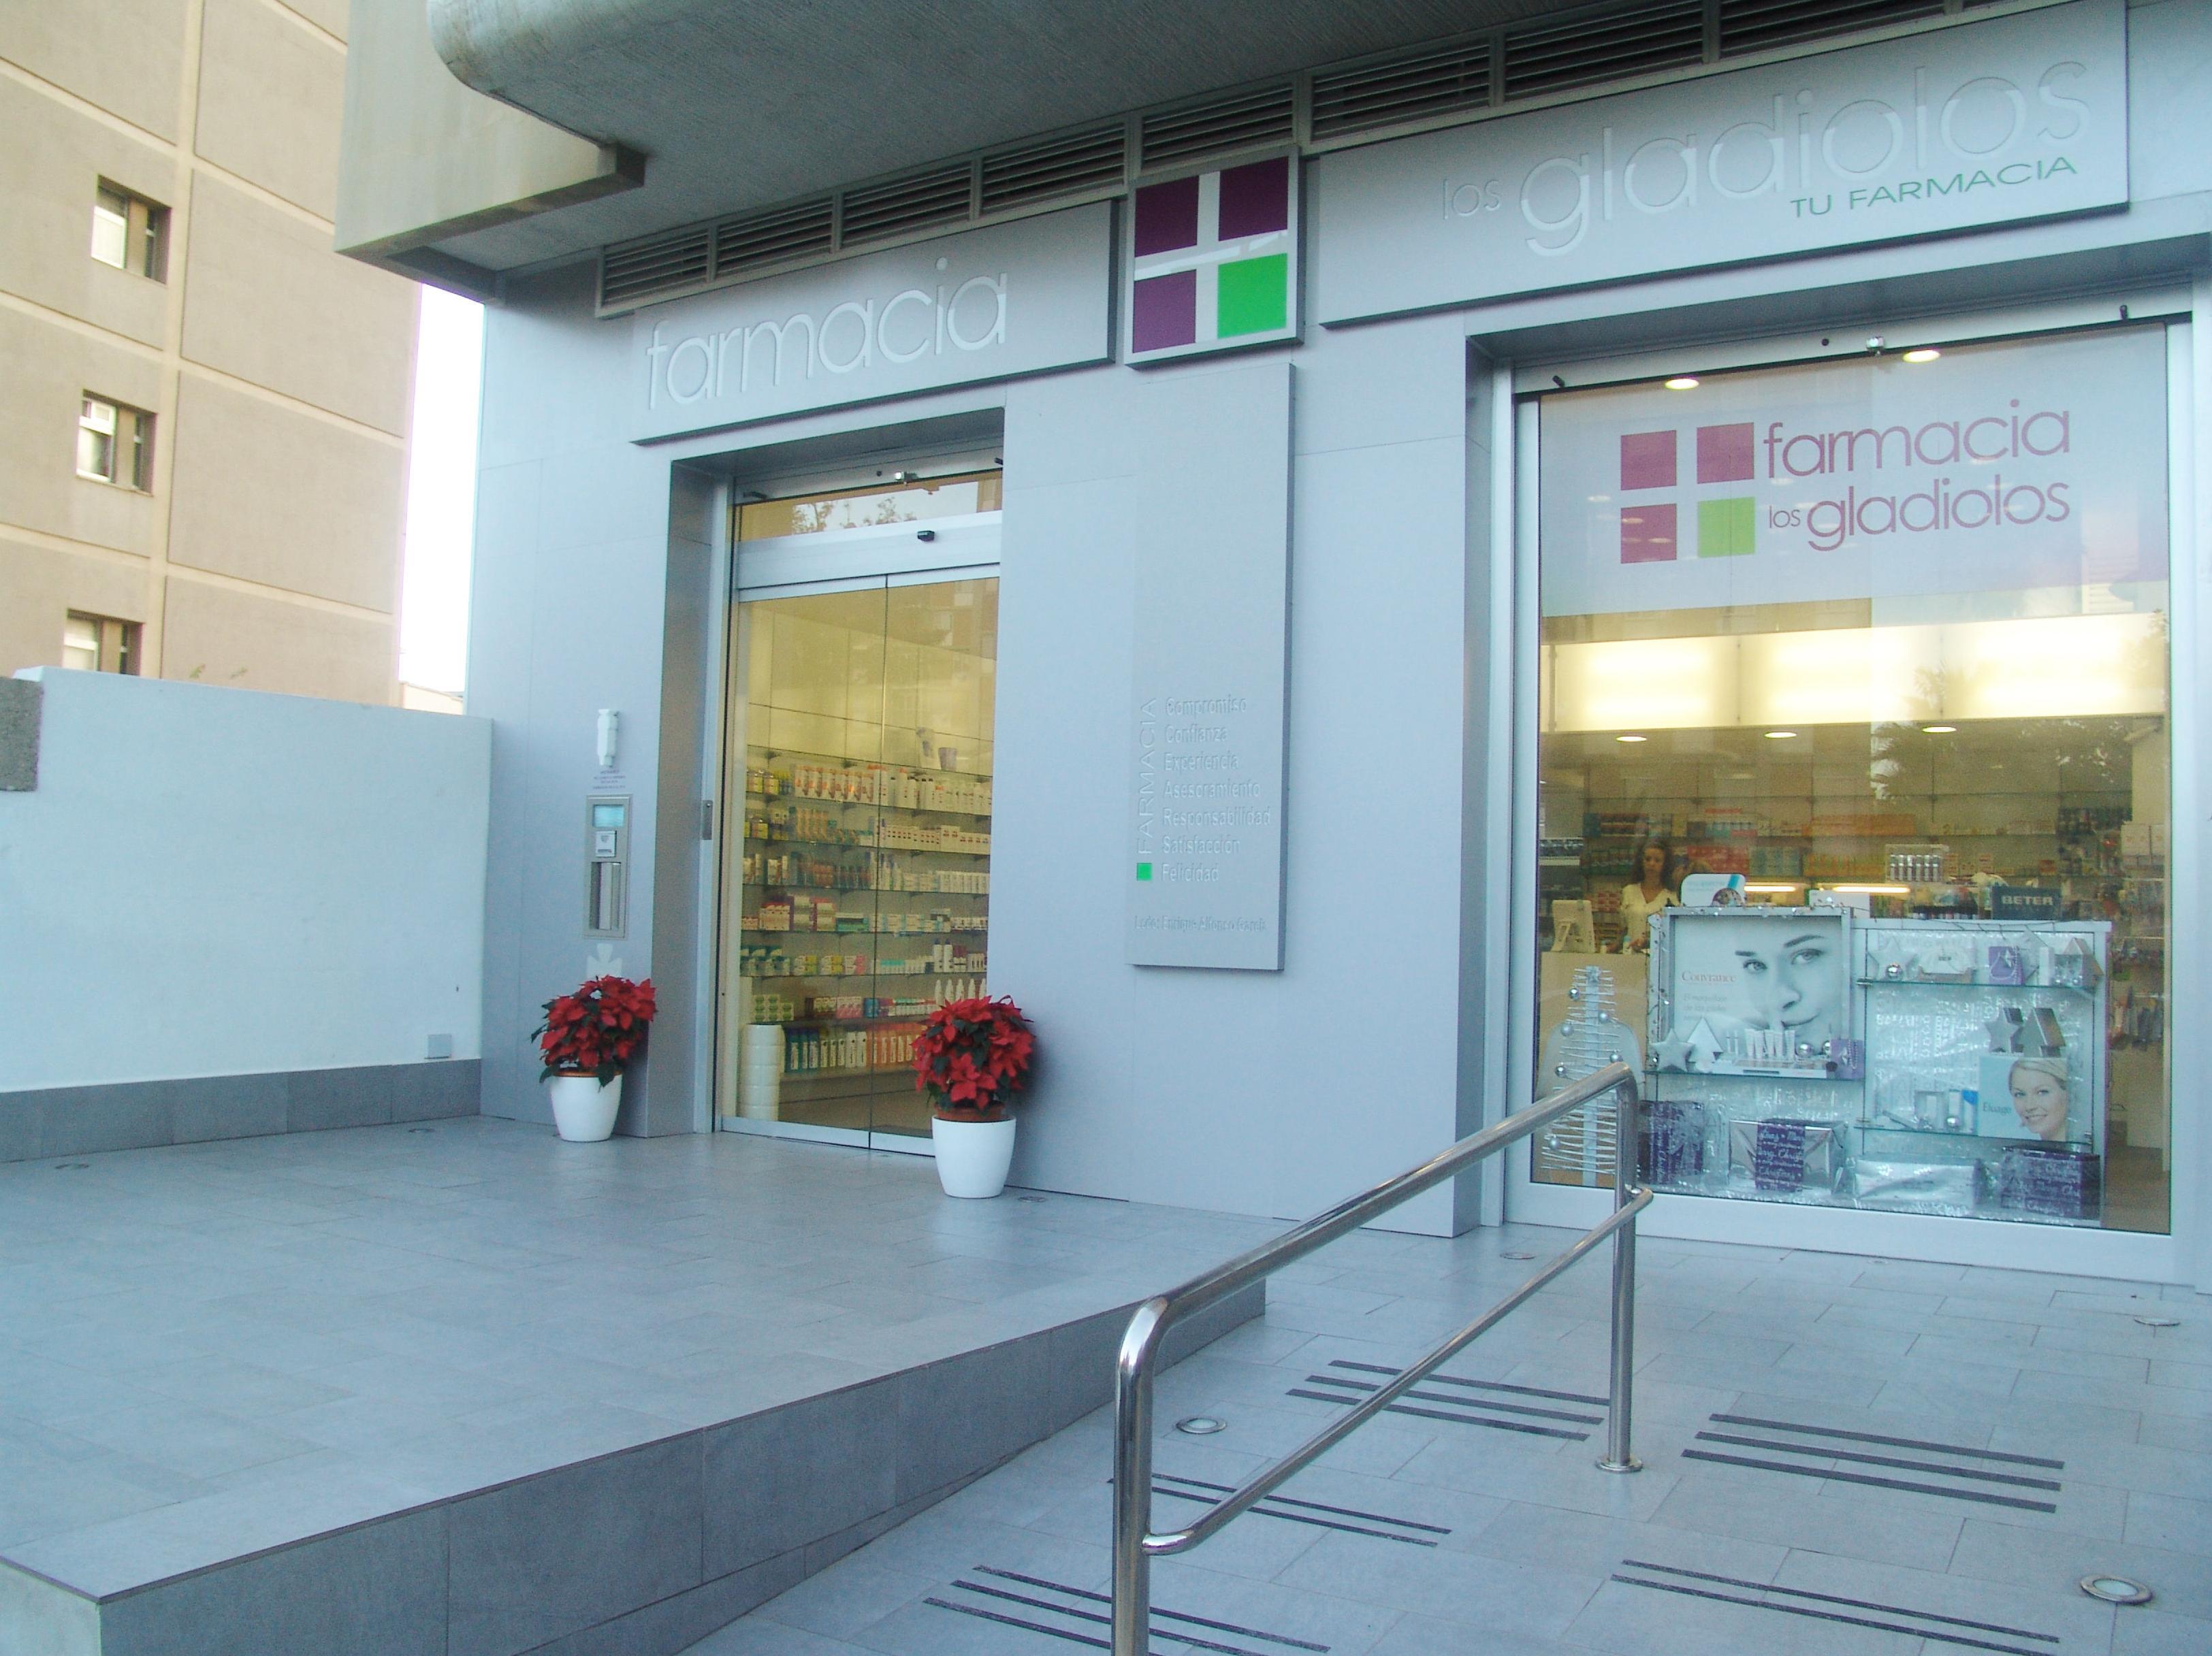 equipamiento para farmacias